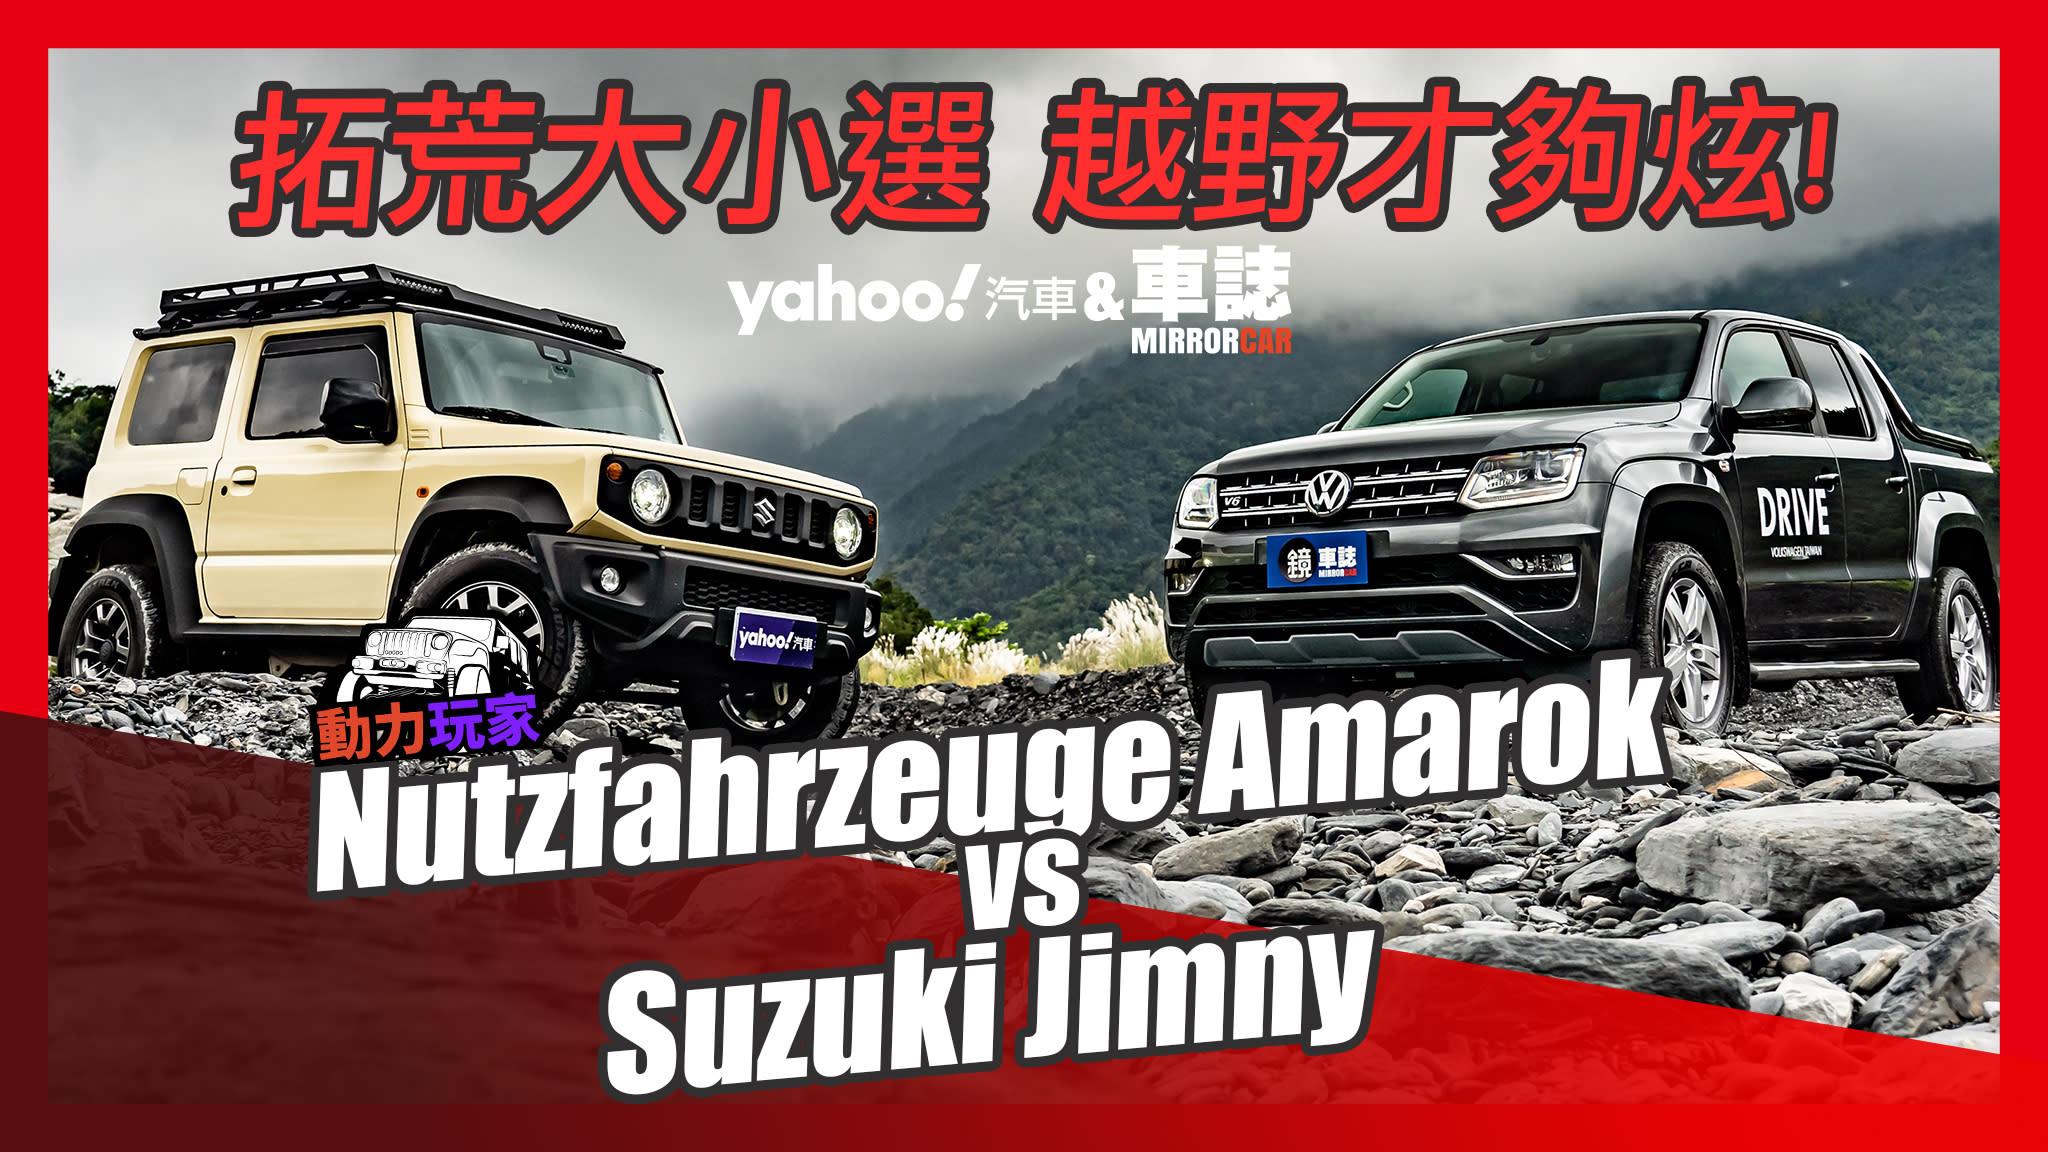 【動力玩家】拓荒大小選、越野才夠炫!Nutzfahrzeuge Amarok vs Suzuki Jimny